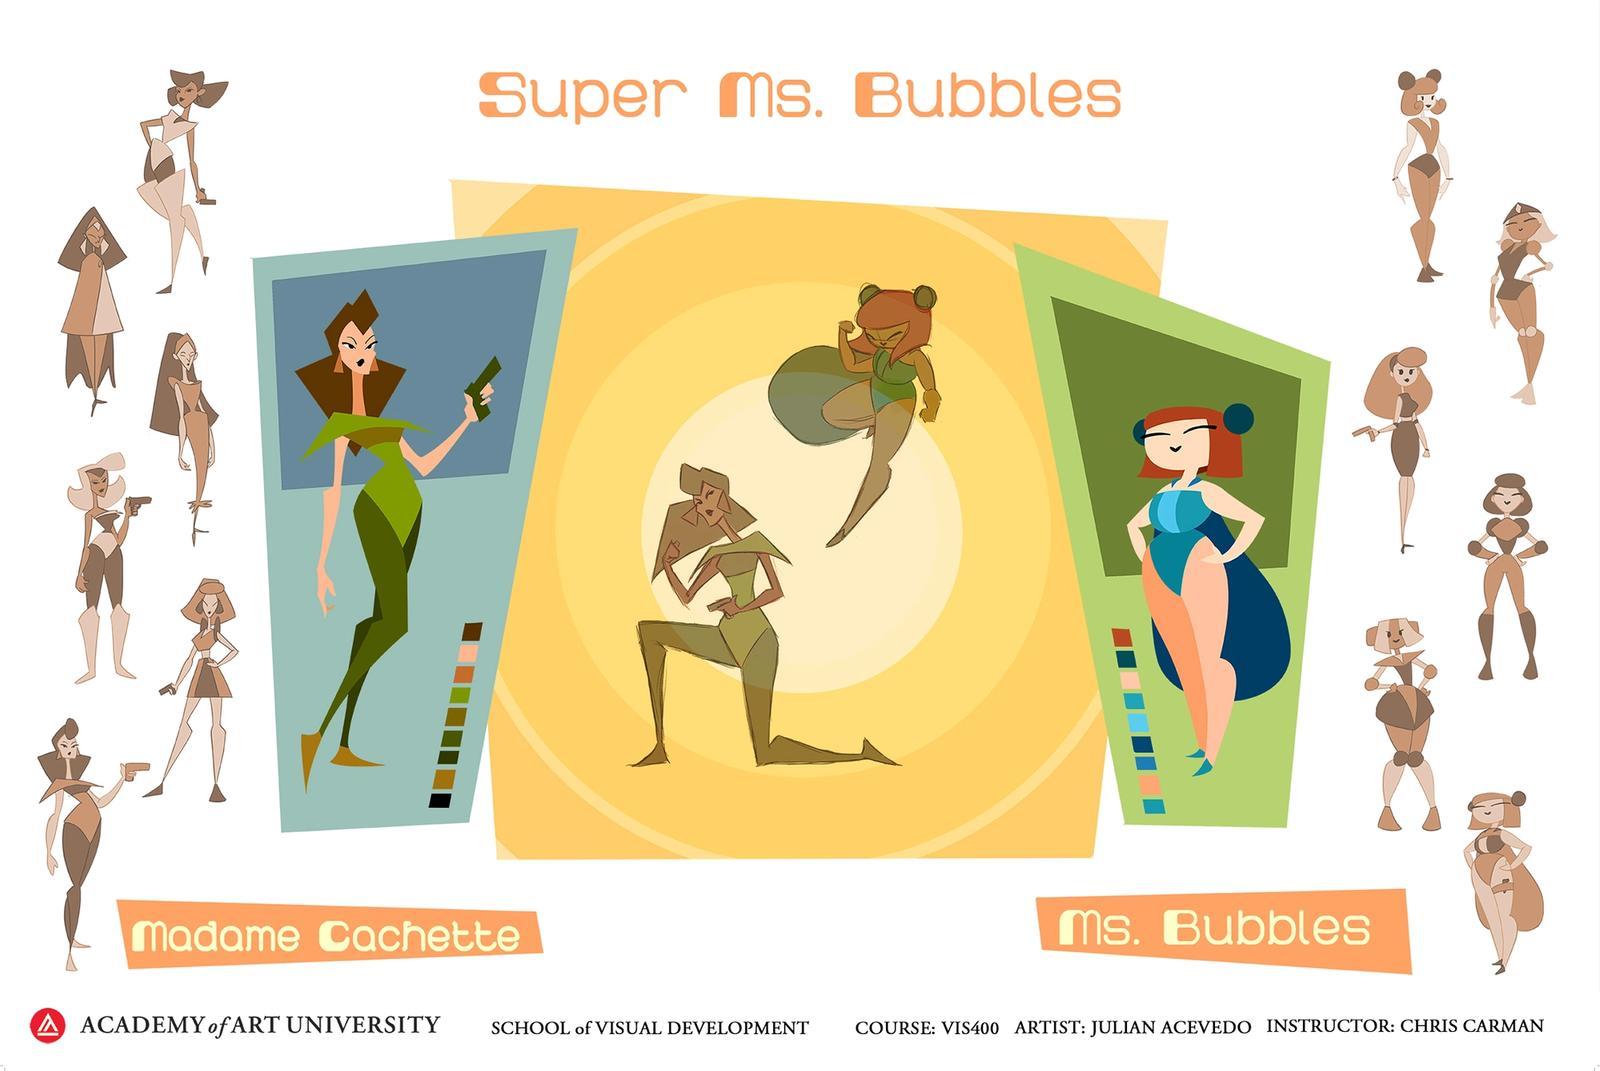 Super Ms. Bubbles